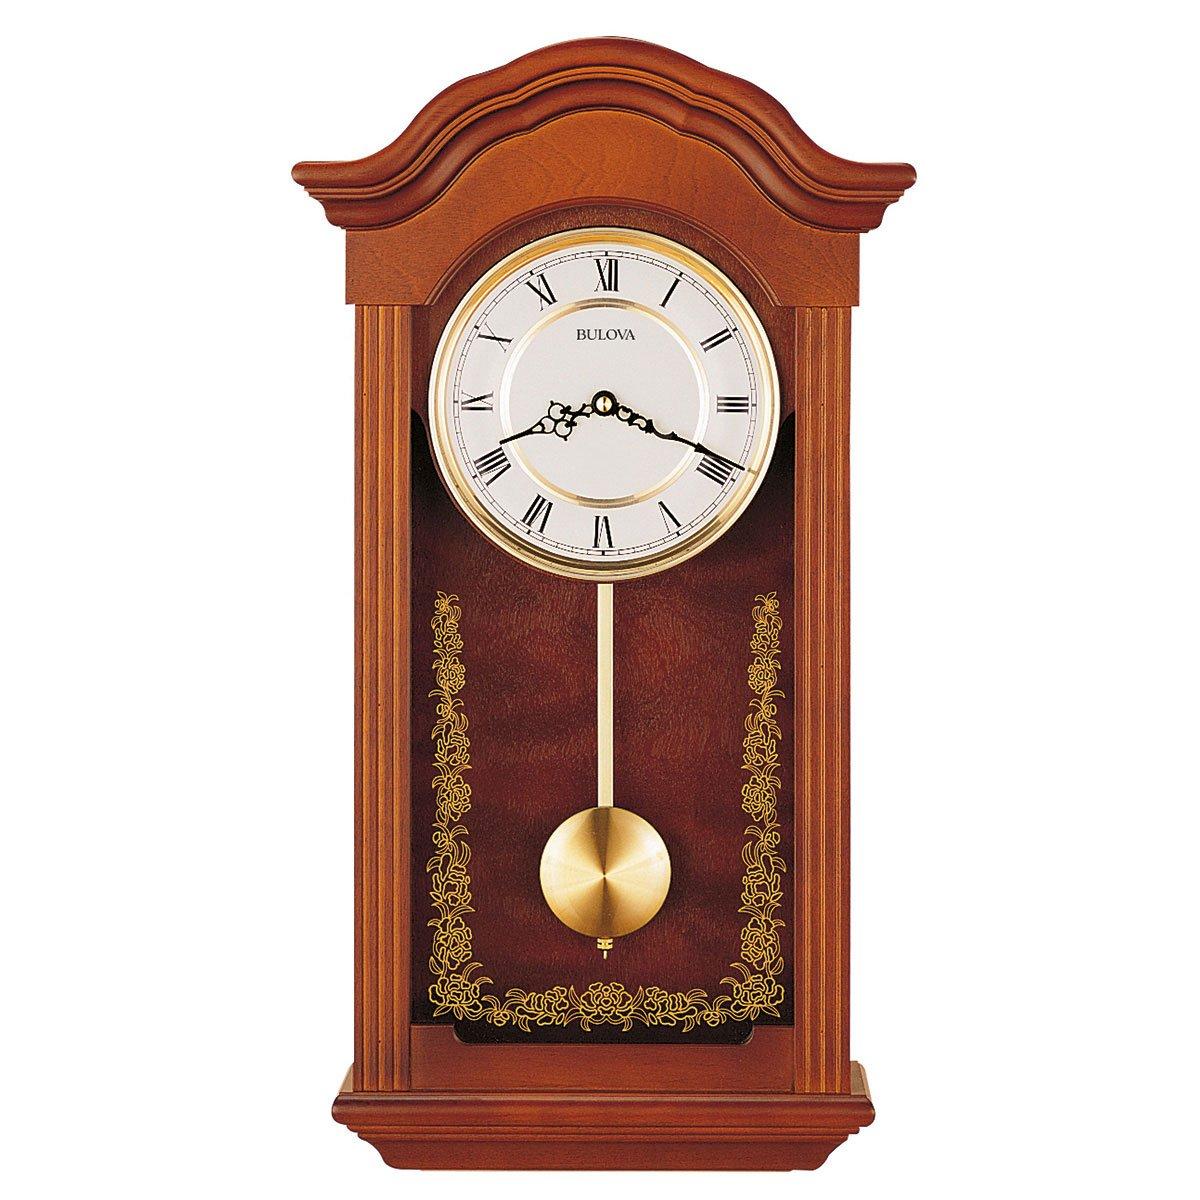 Reloj de pared baronet madera c4443 sears com mx me - Reloj decorativo de pared ...